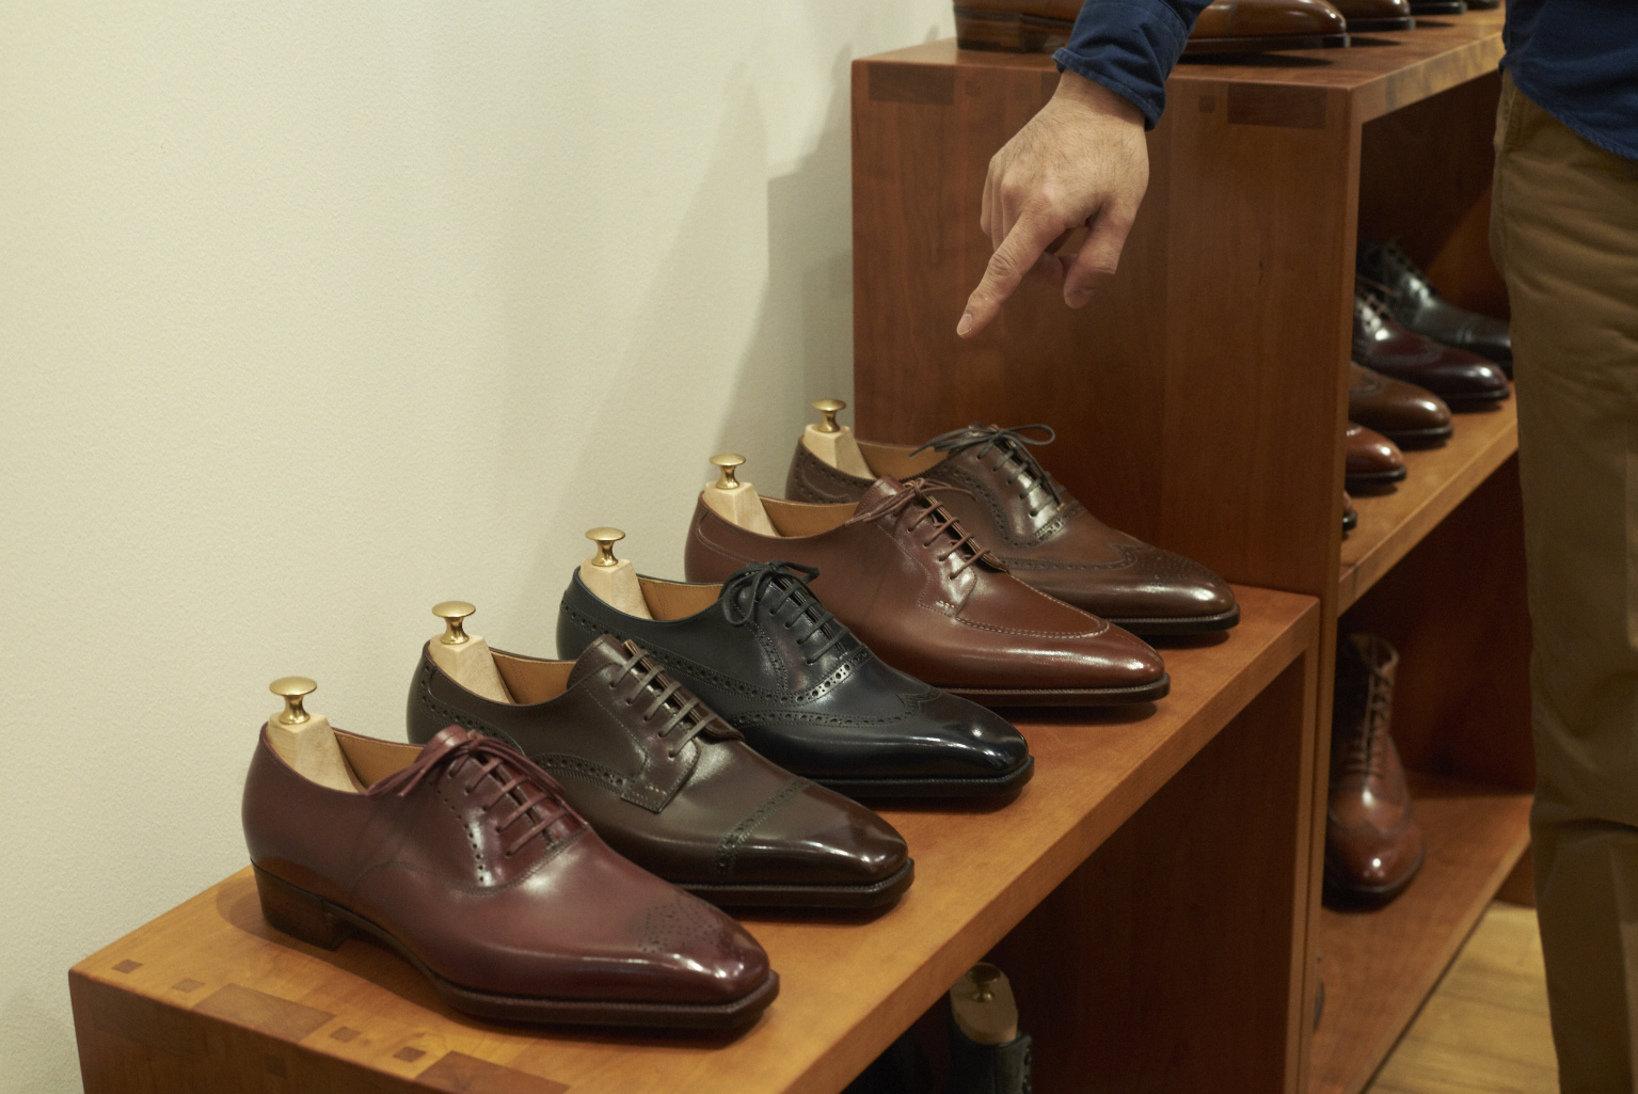 主要なスタイルの靴は店内に手に取れるように飾られている。写真とかではなく実物を足元に置いた上で、どれにするか選べるわけで、顧客も完成時のイメージを掴みやすい。何気ないがありがたい心遣い